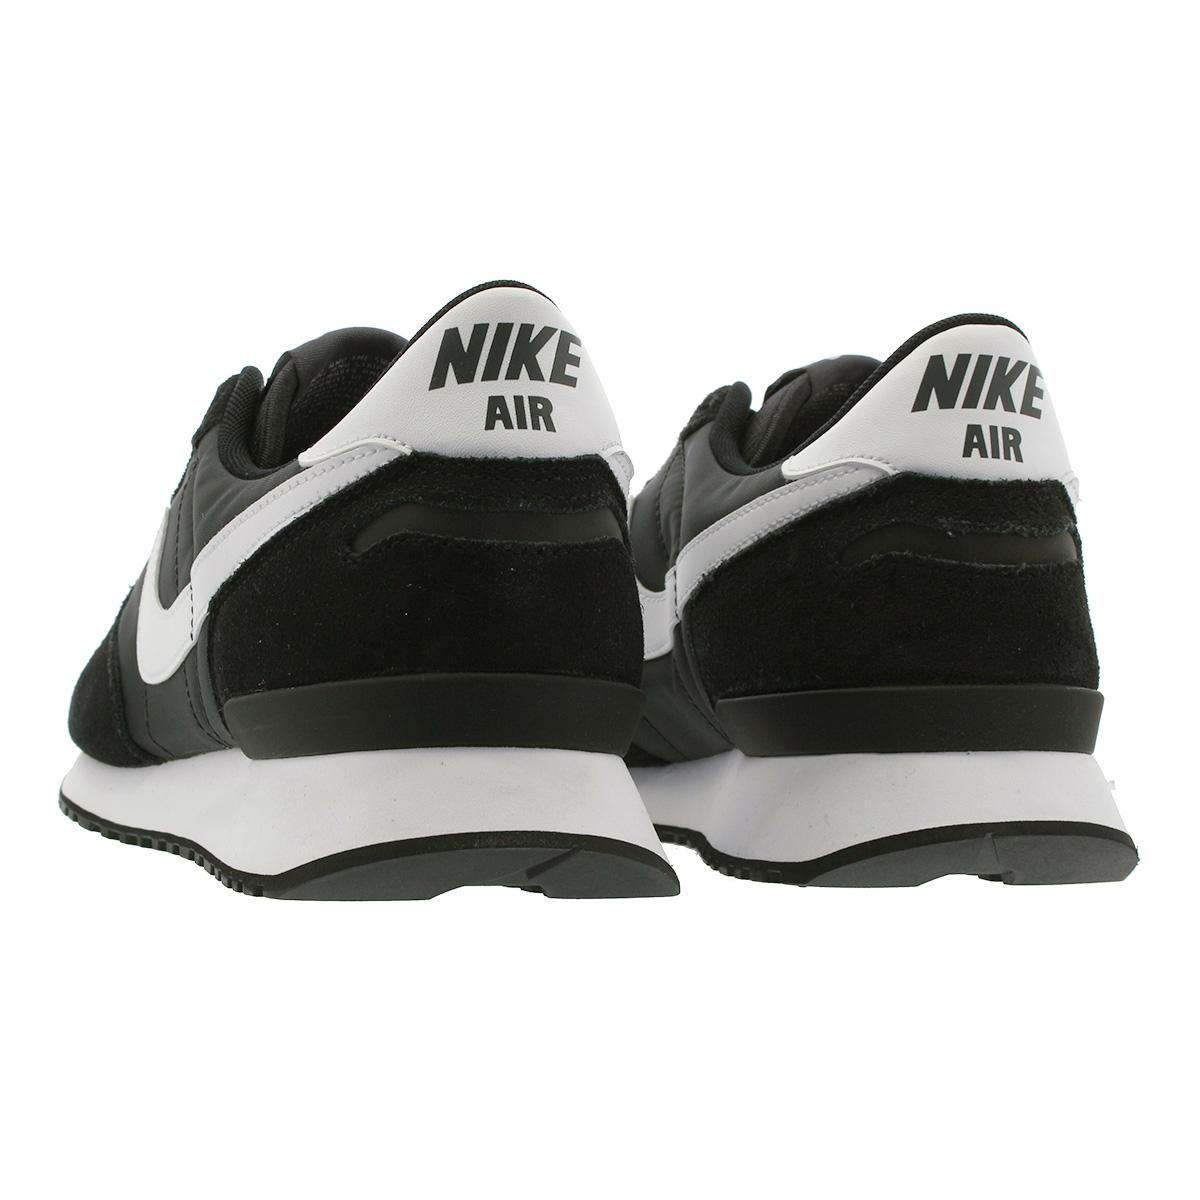 pick up 0ff30 ca60f NIKE AIR VORTEX Nike air vortex BLACKWHITEANTHRACITE 903,896-010